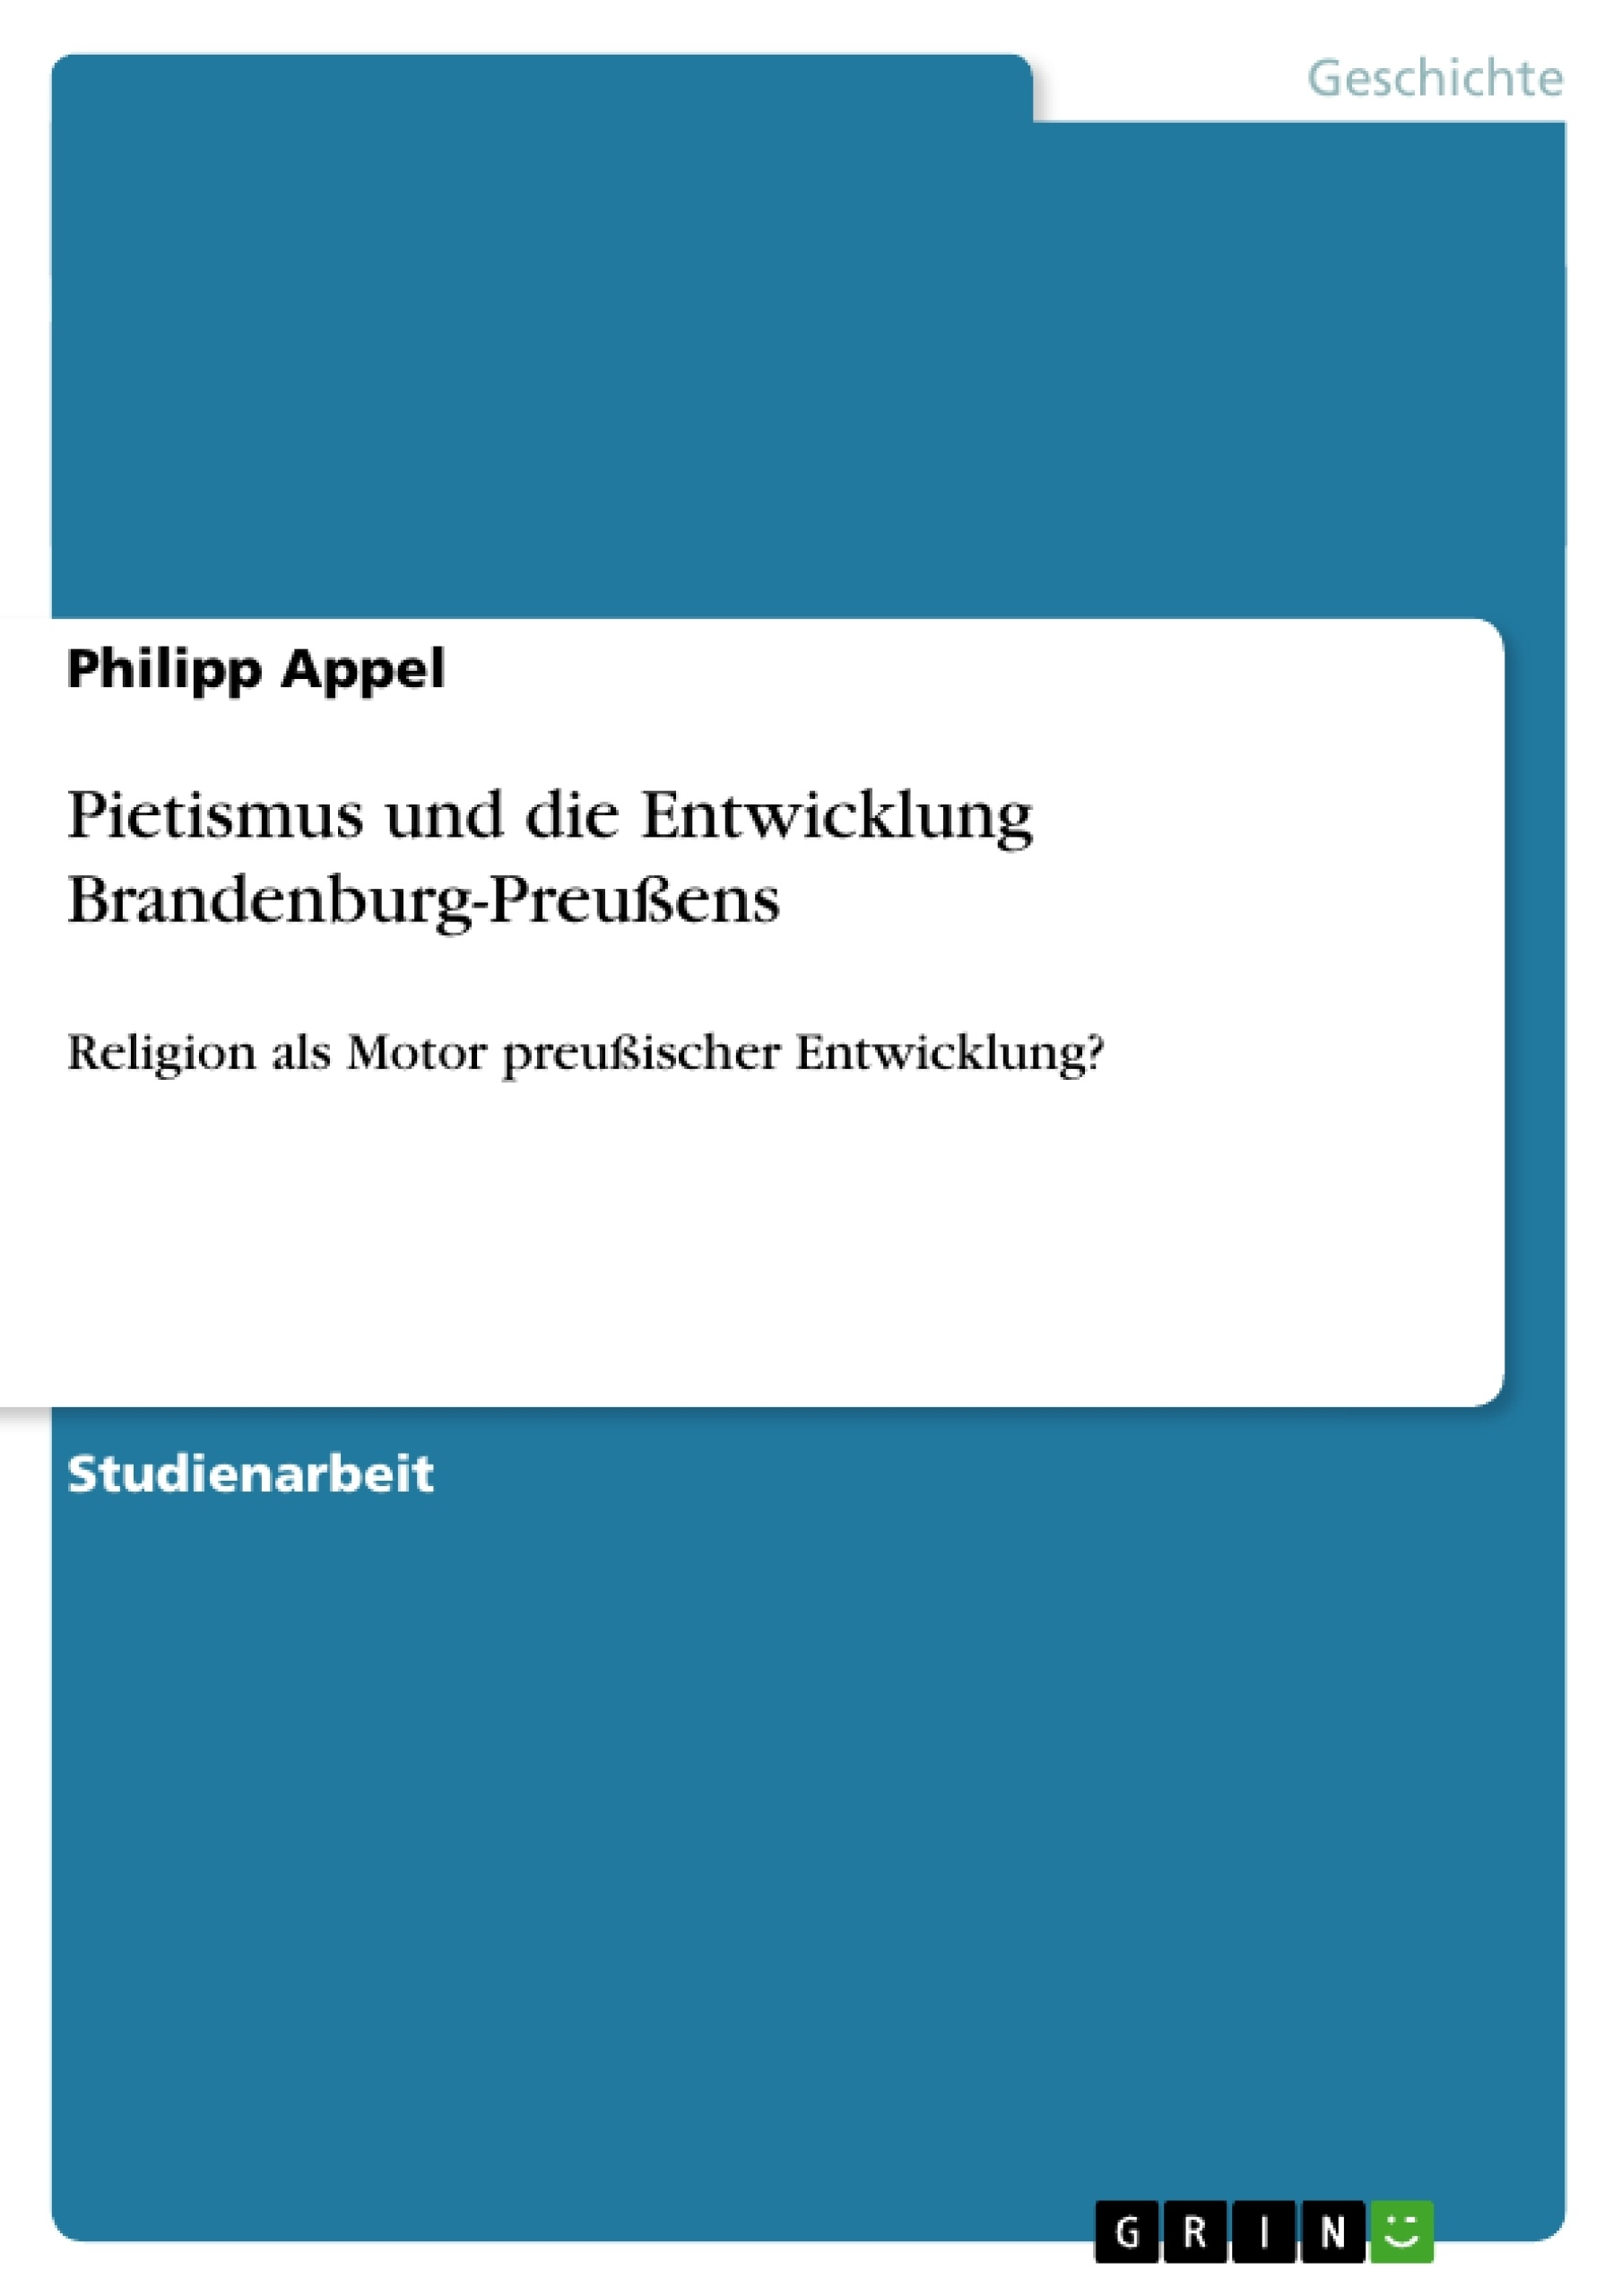 Titel: Pietismus und die Entwicklung Brandenburg-Preußens